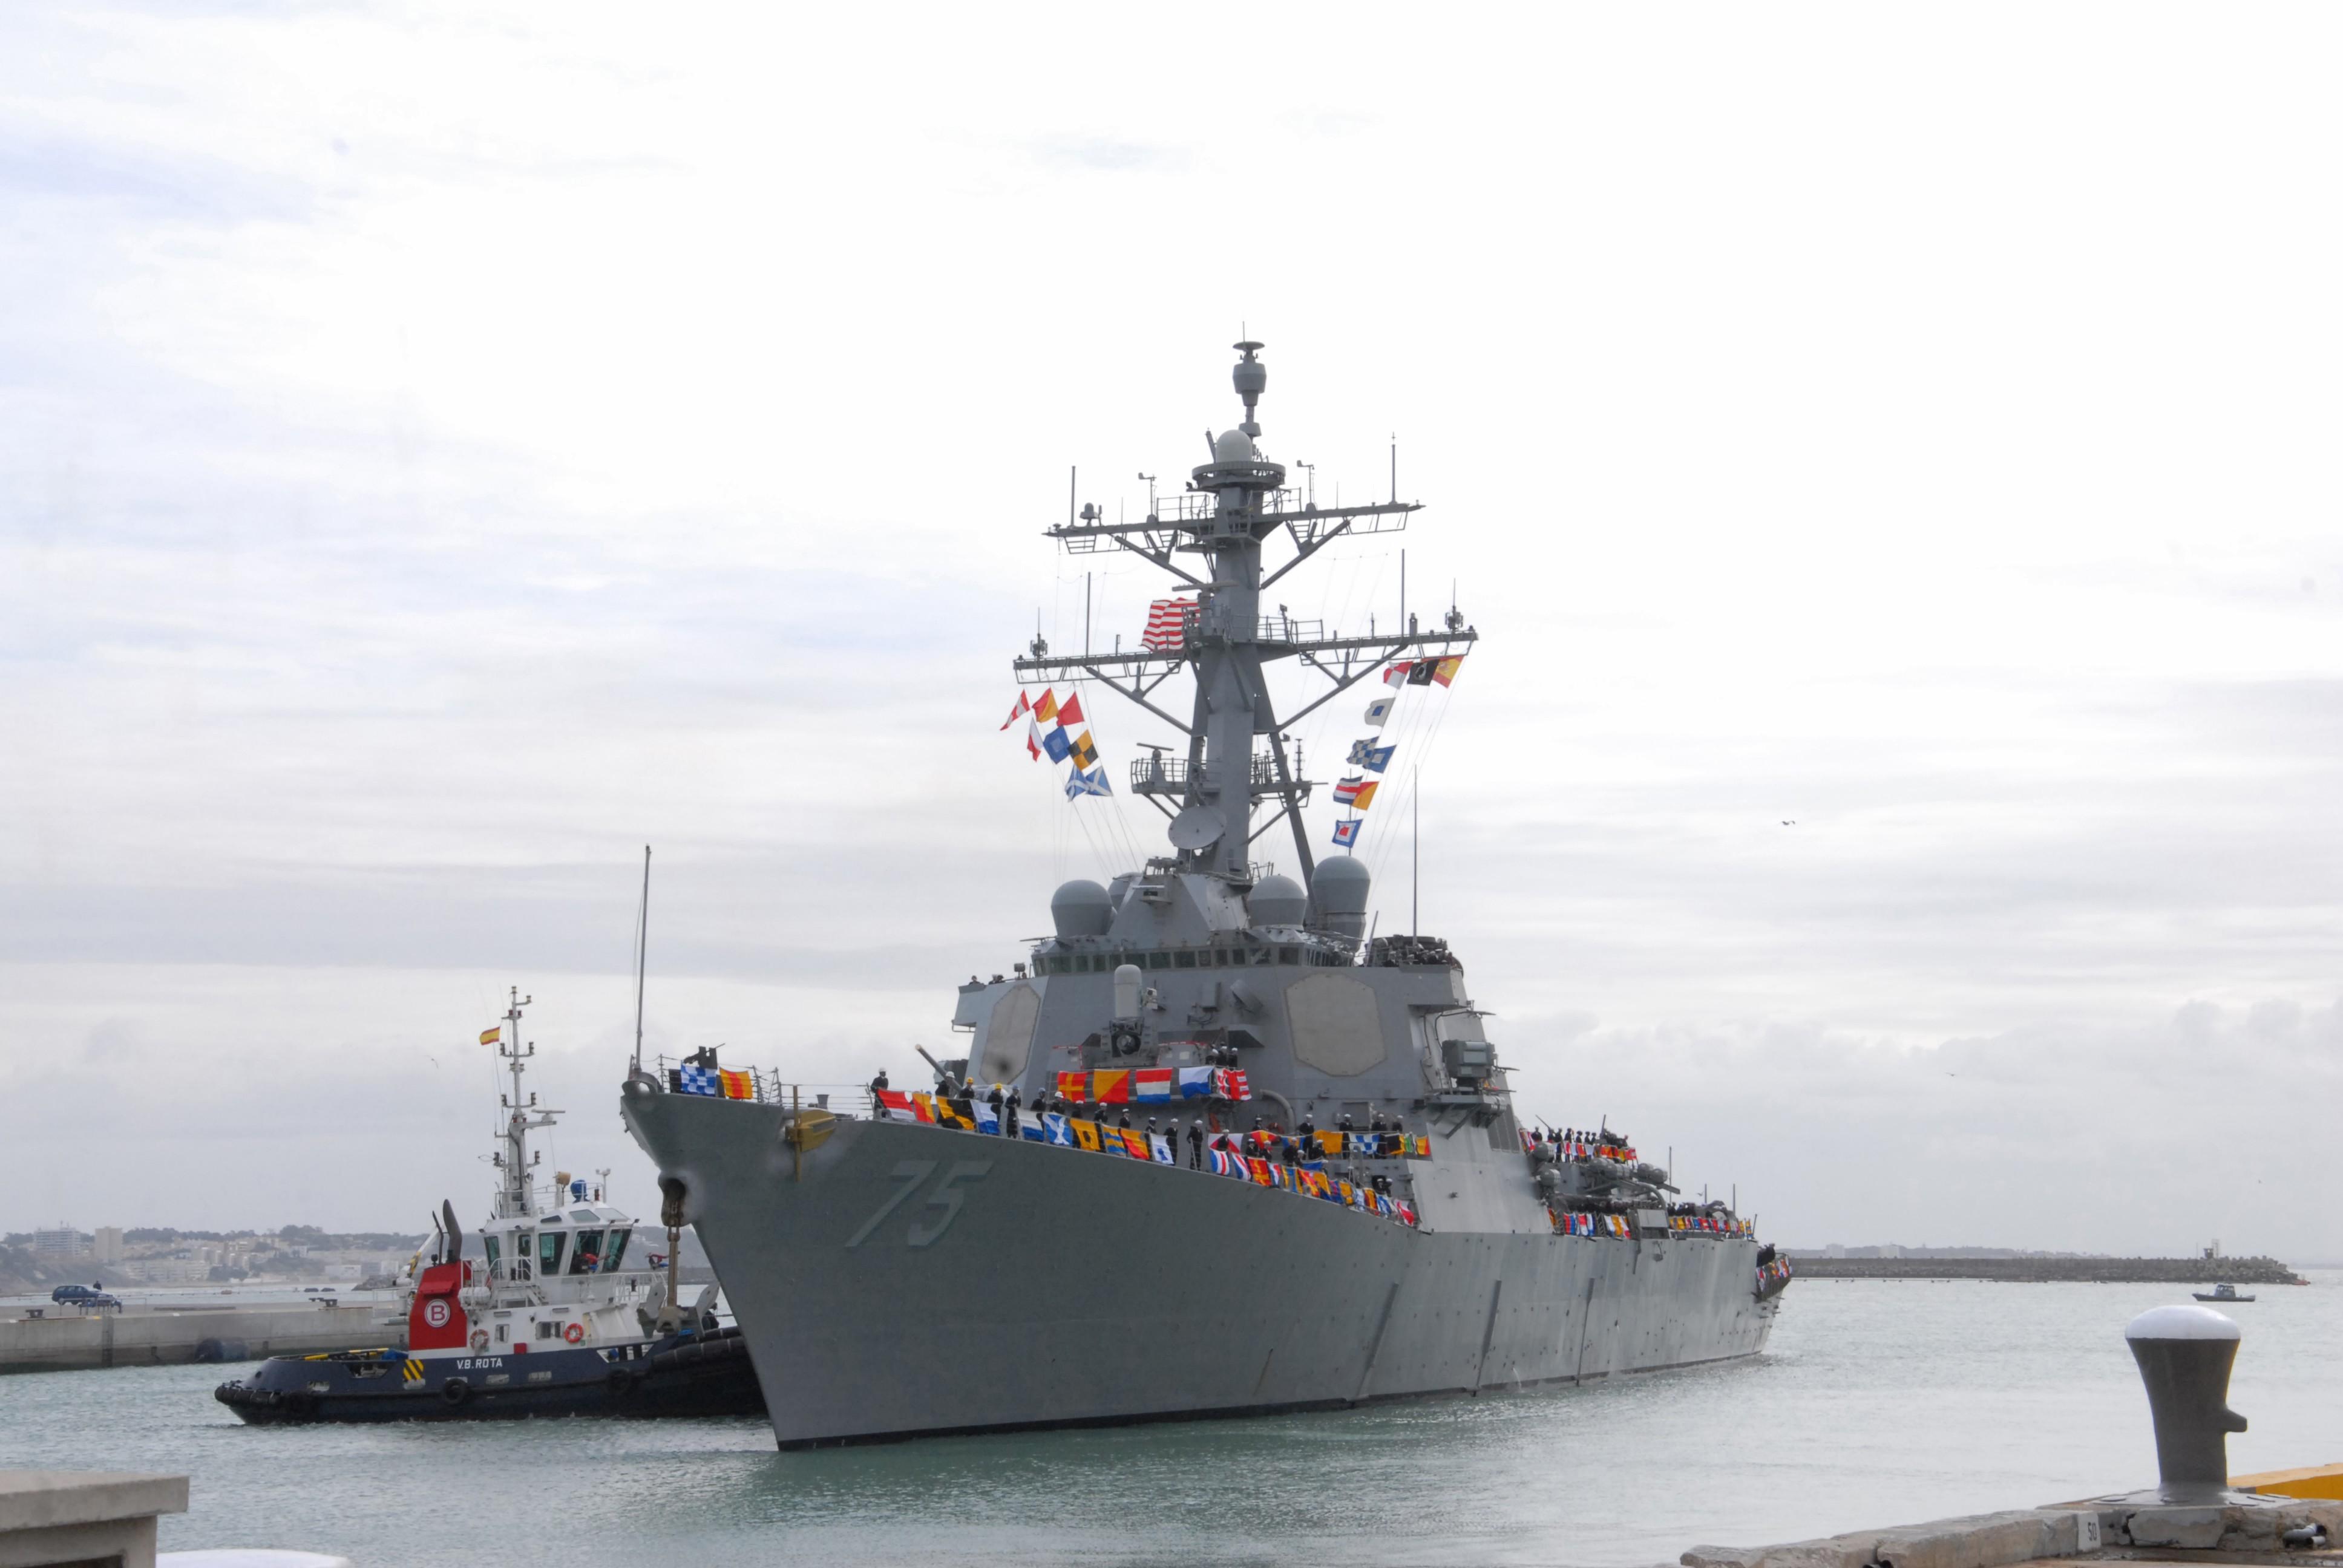 USS DONALD COOK DDG-75 Einlaufen Rota am 11.02.2014 Bild: U.S. Navy